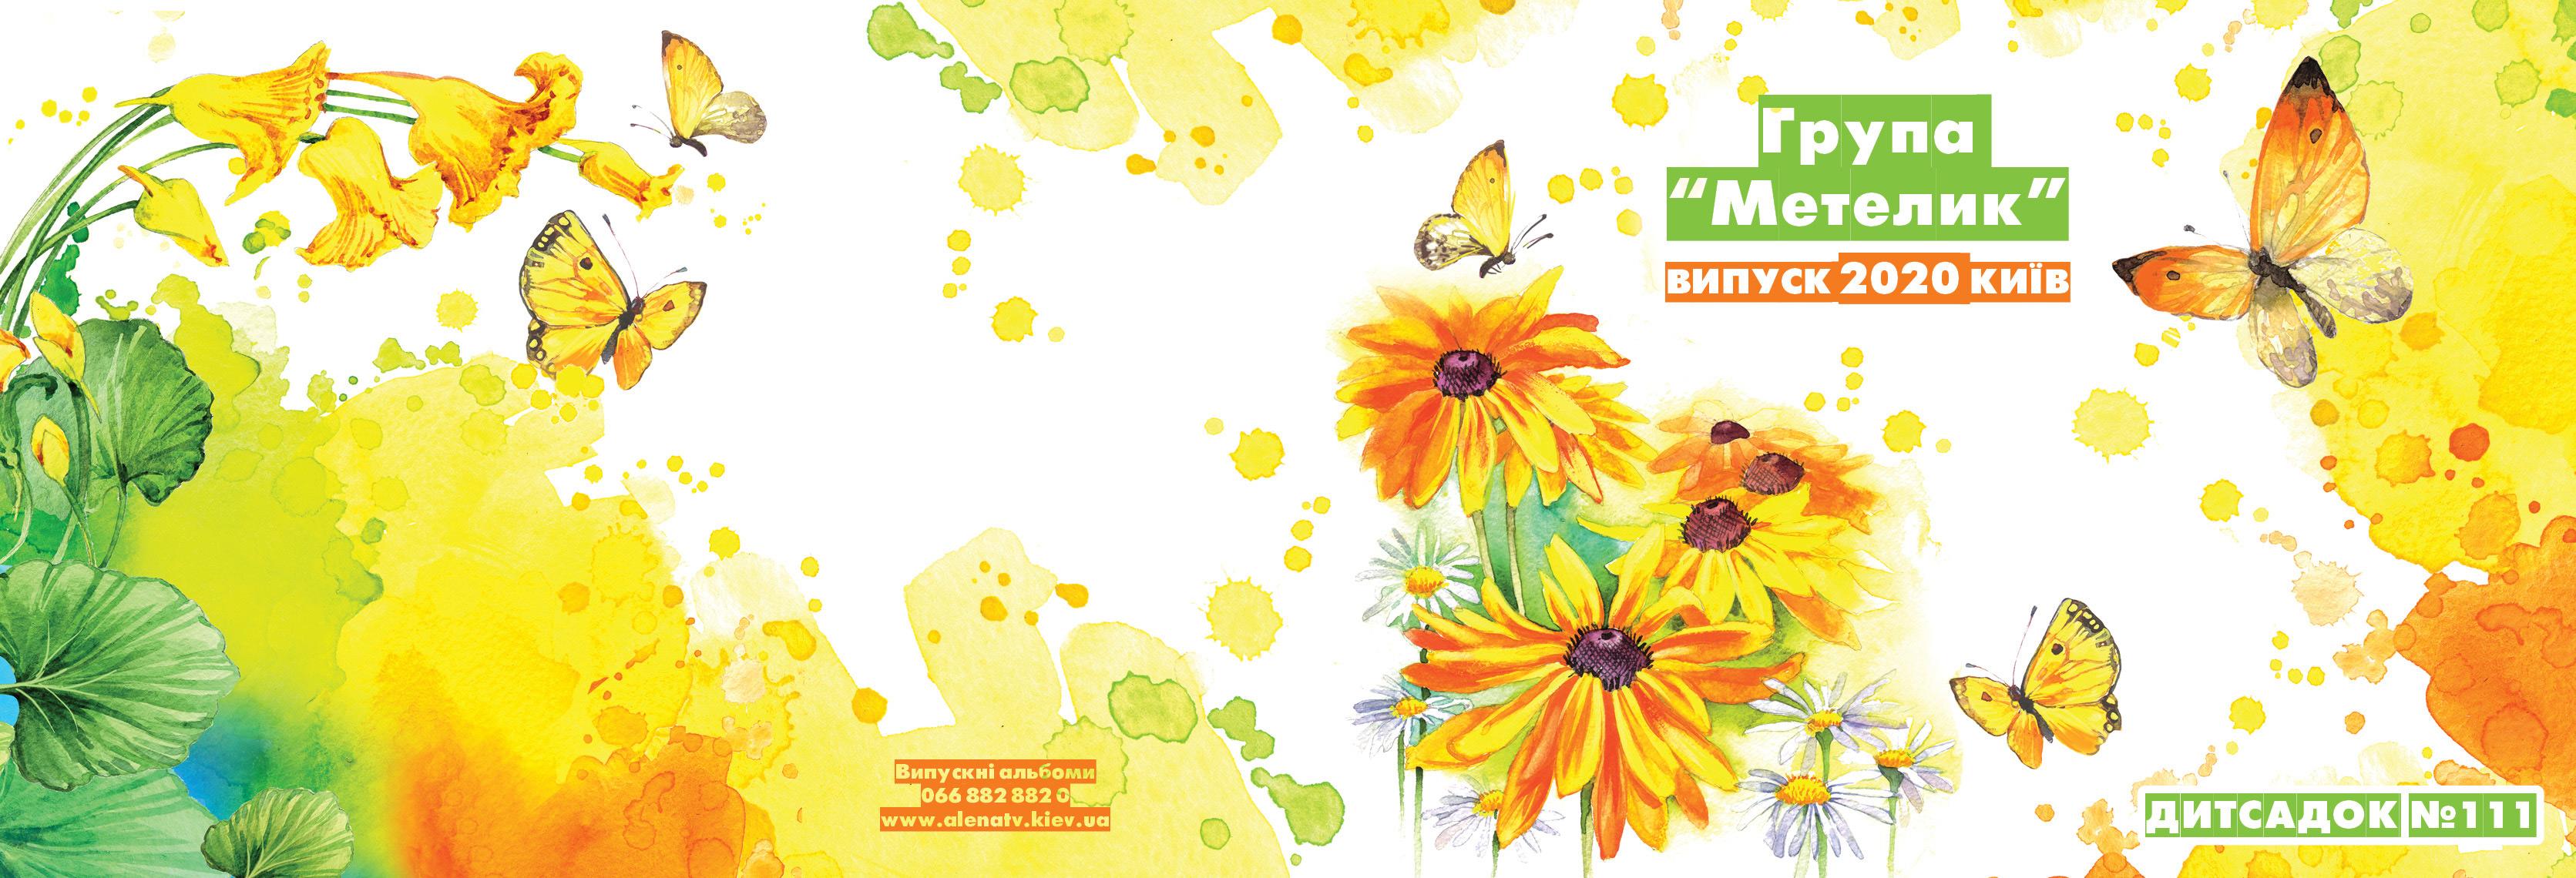 альбом выпускника сада в Киеве